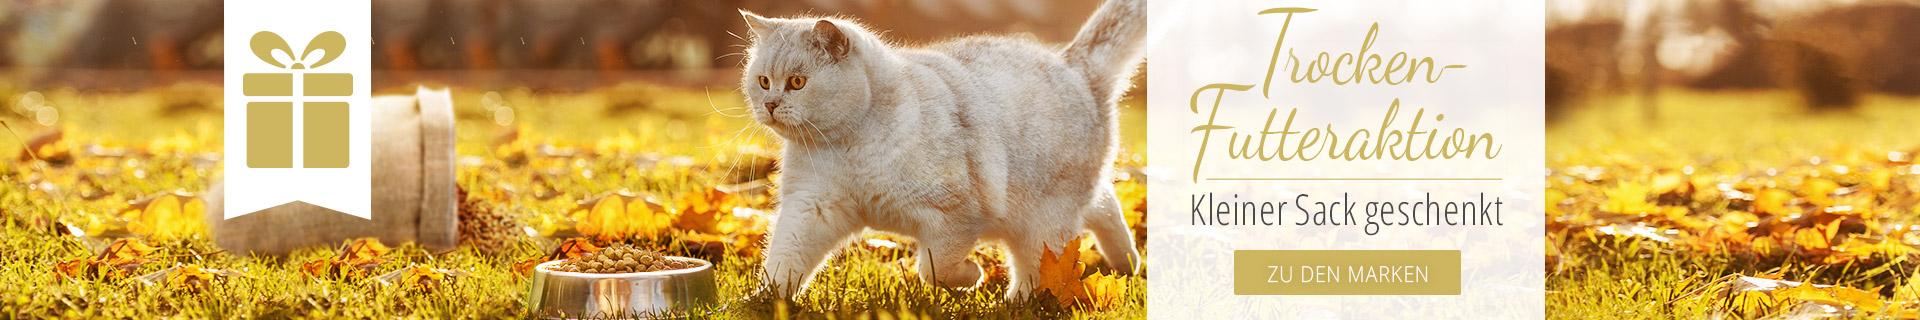 Trockenfutter Aktion für Katzen - Kleiner Sack geschenkt